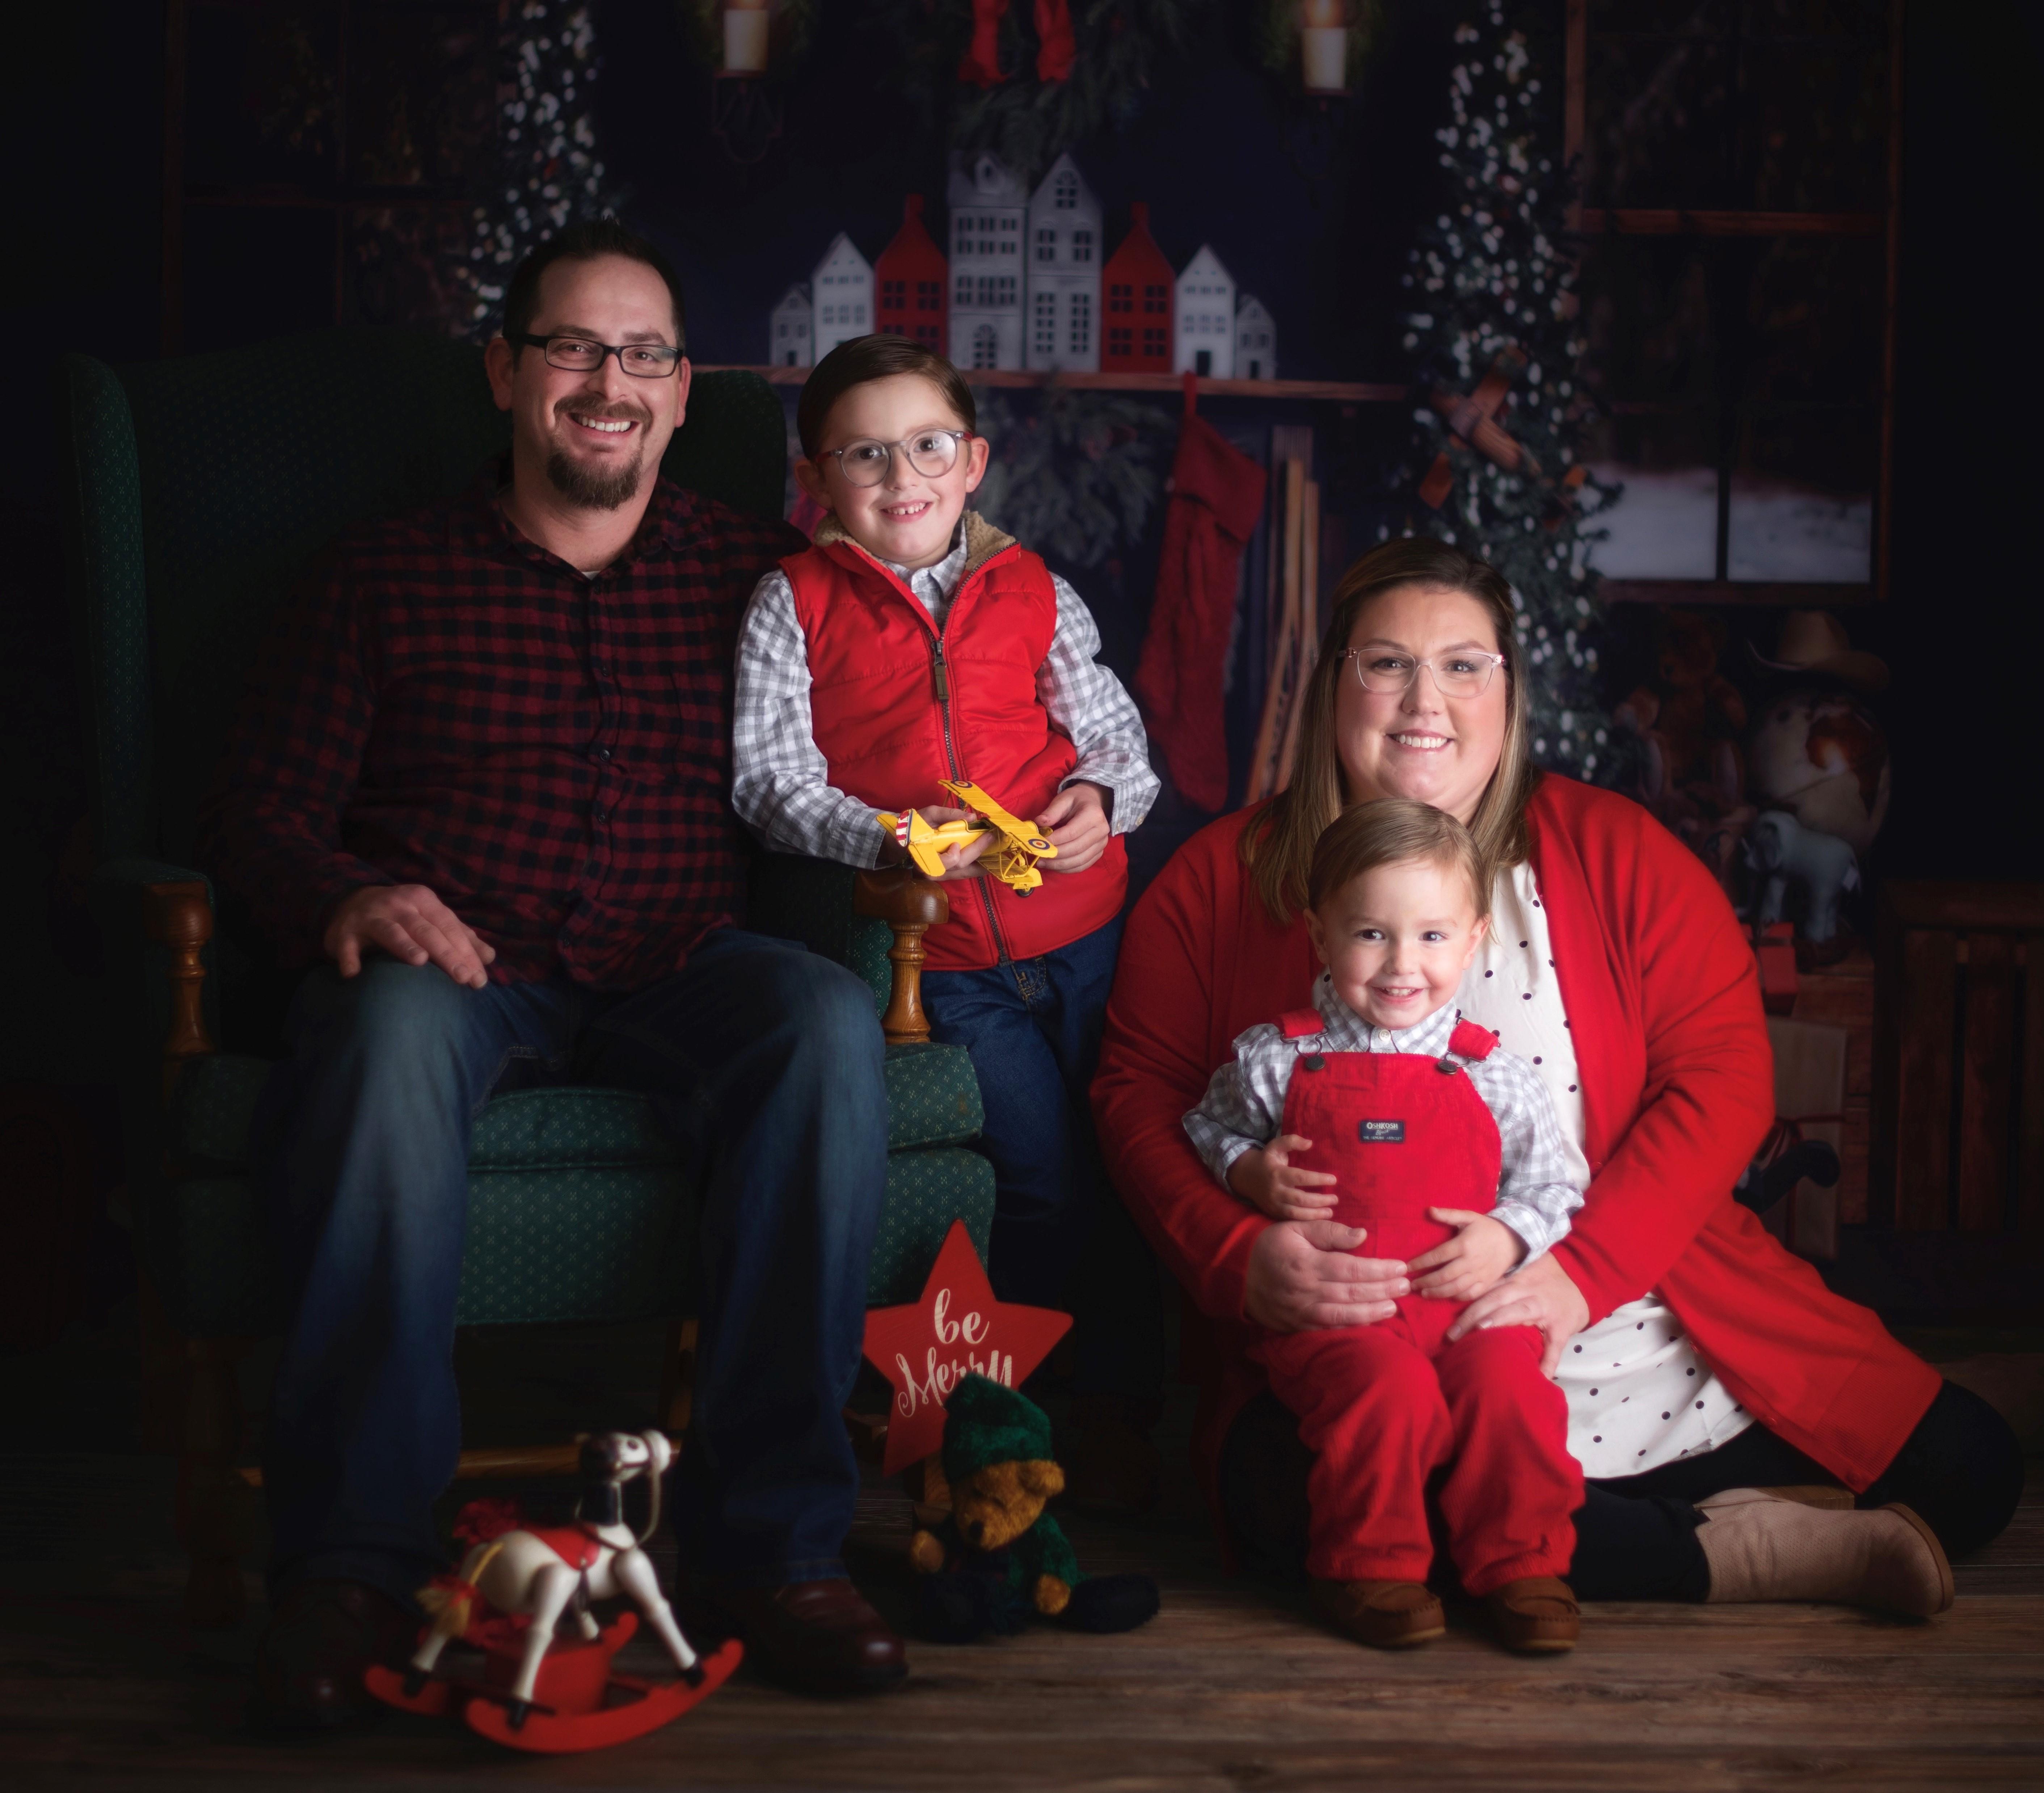 Moritz Family Image